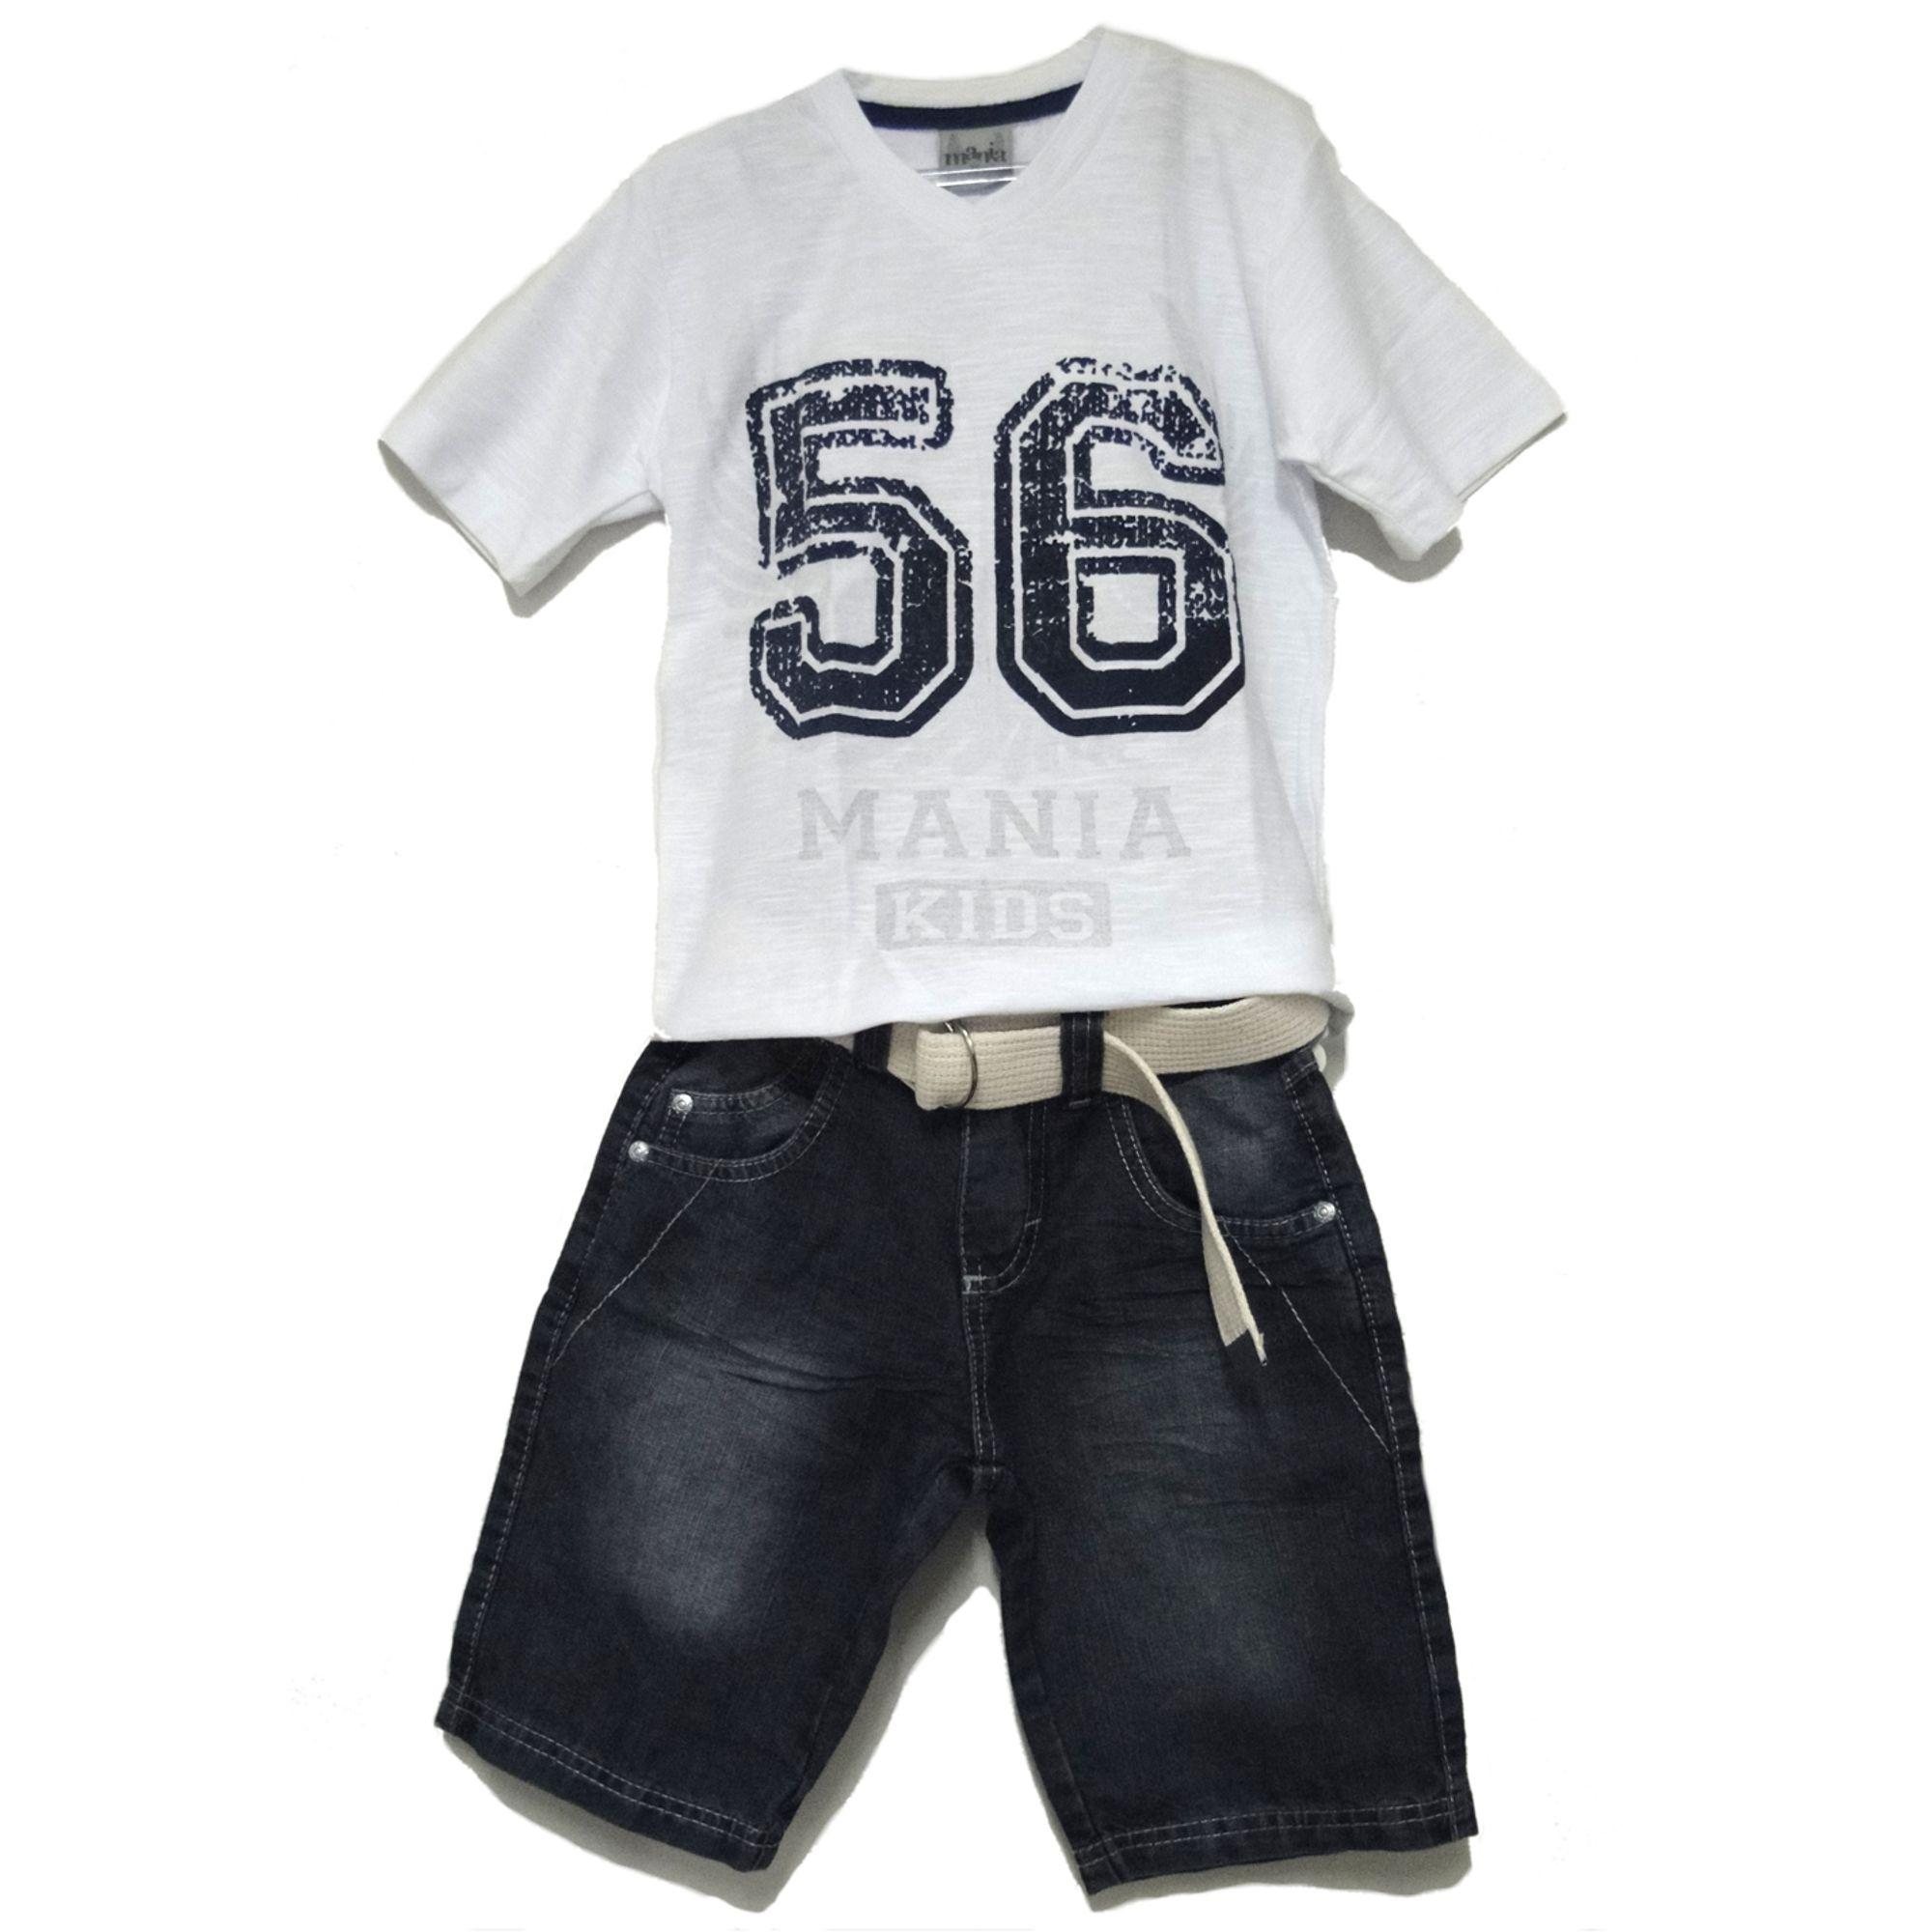 Conjunto Infantil Camiseta 56 Branca e Bermuda Jeans Cinto Bege - EcaMeleca 20844f4e0cb63